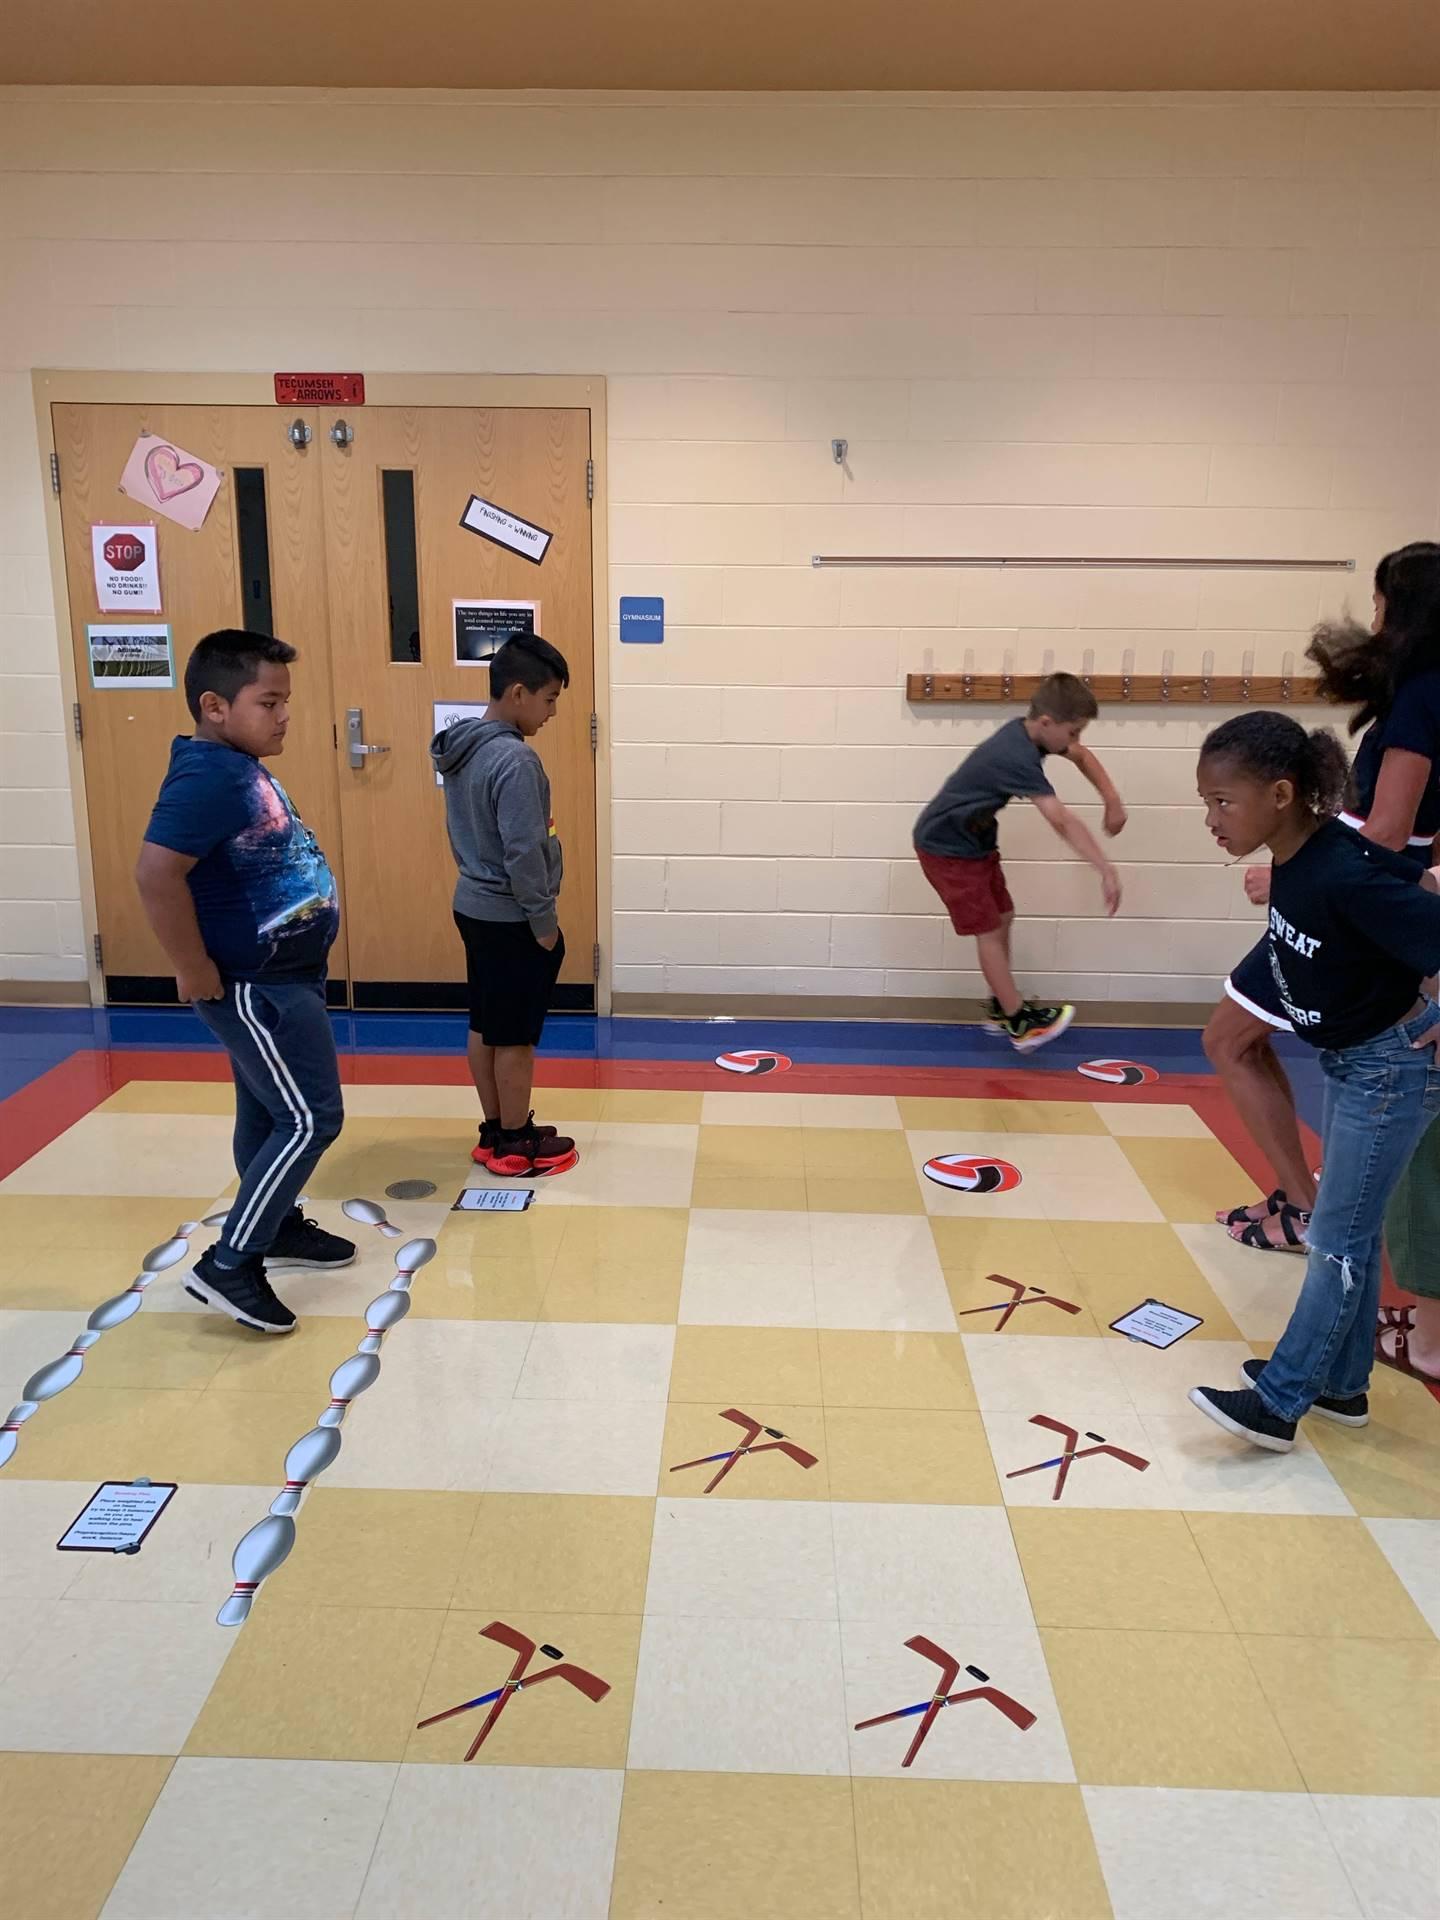 boy jumping forward on sensory path at NCE